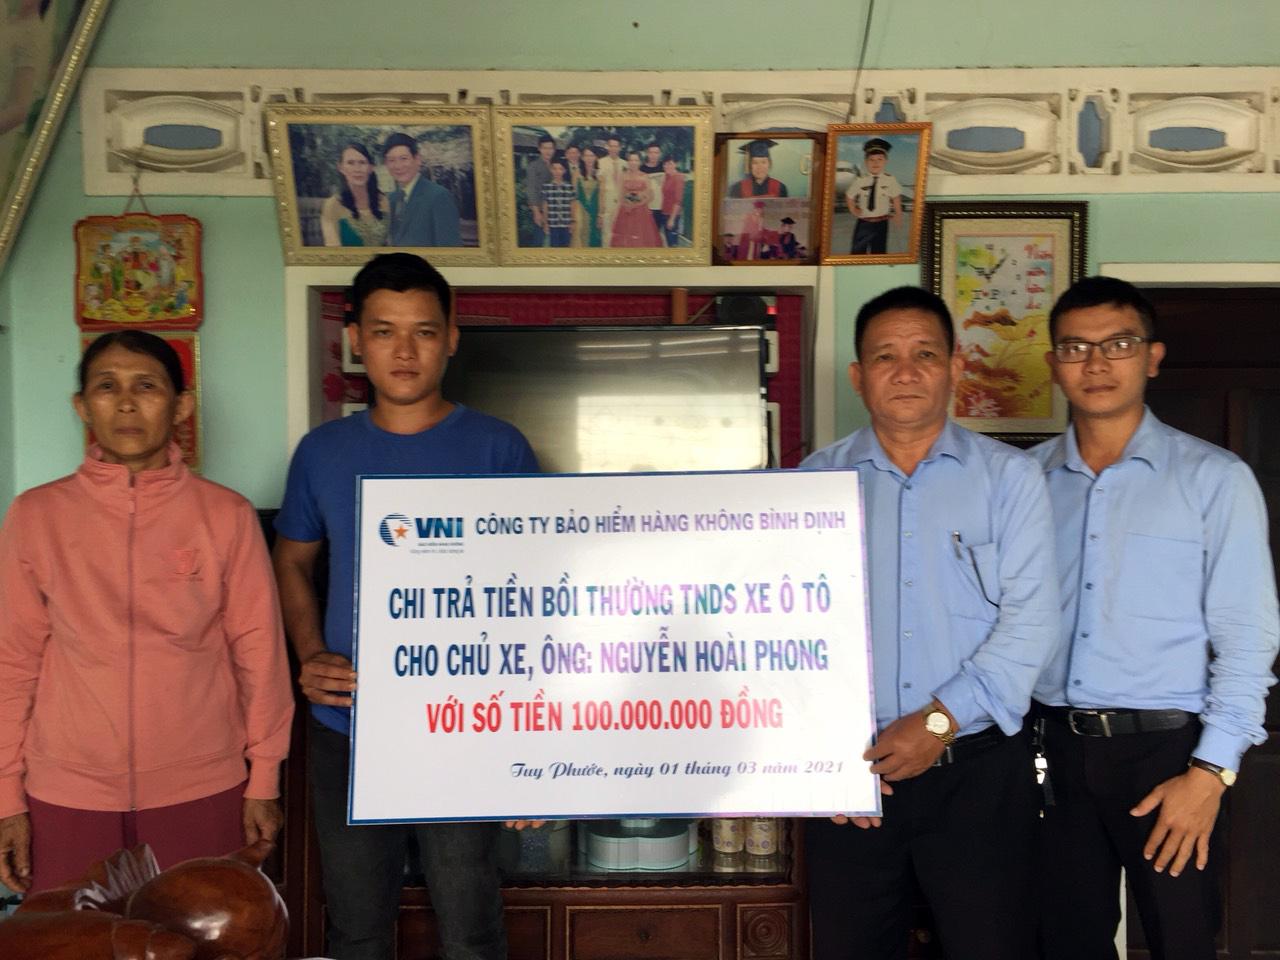 VNI Bình Định trao 100 triệu bồi thường bảo hiểm trách nhiệm dân sự